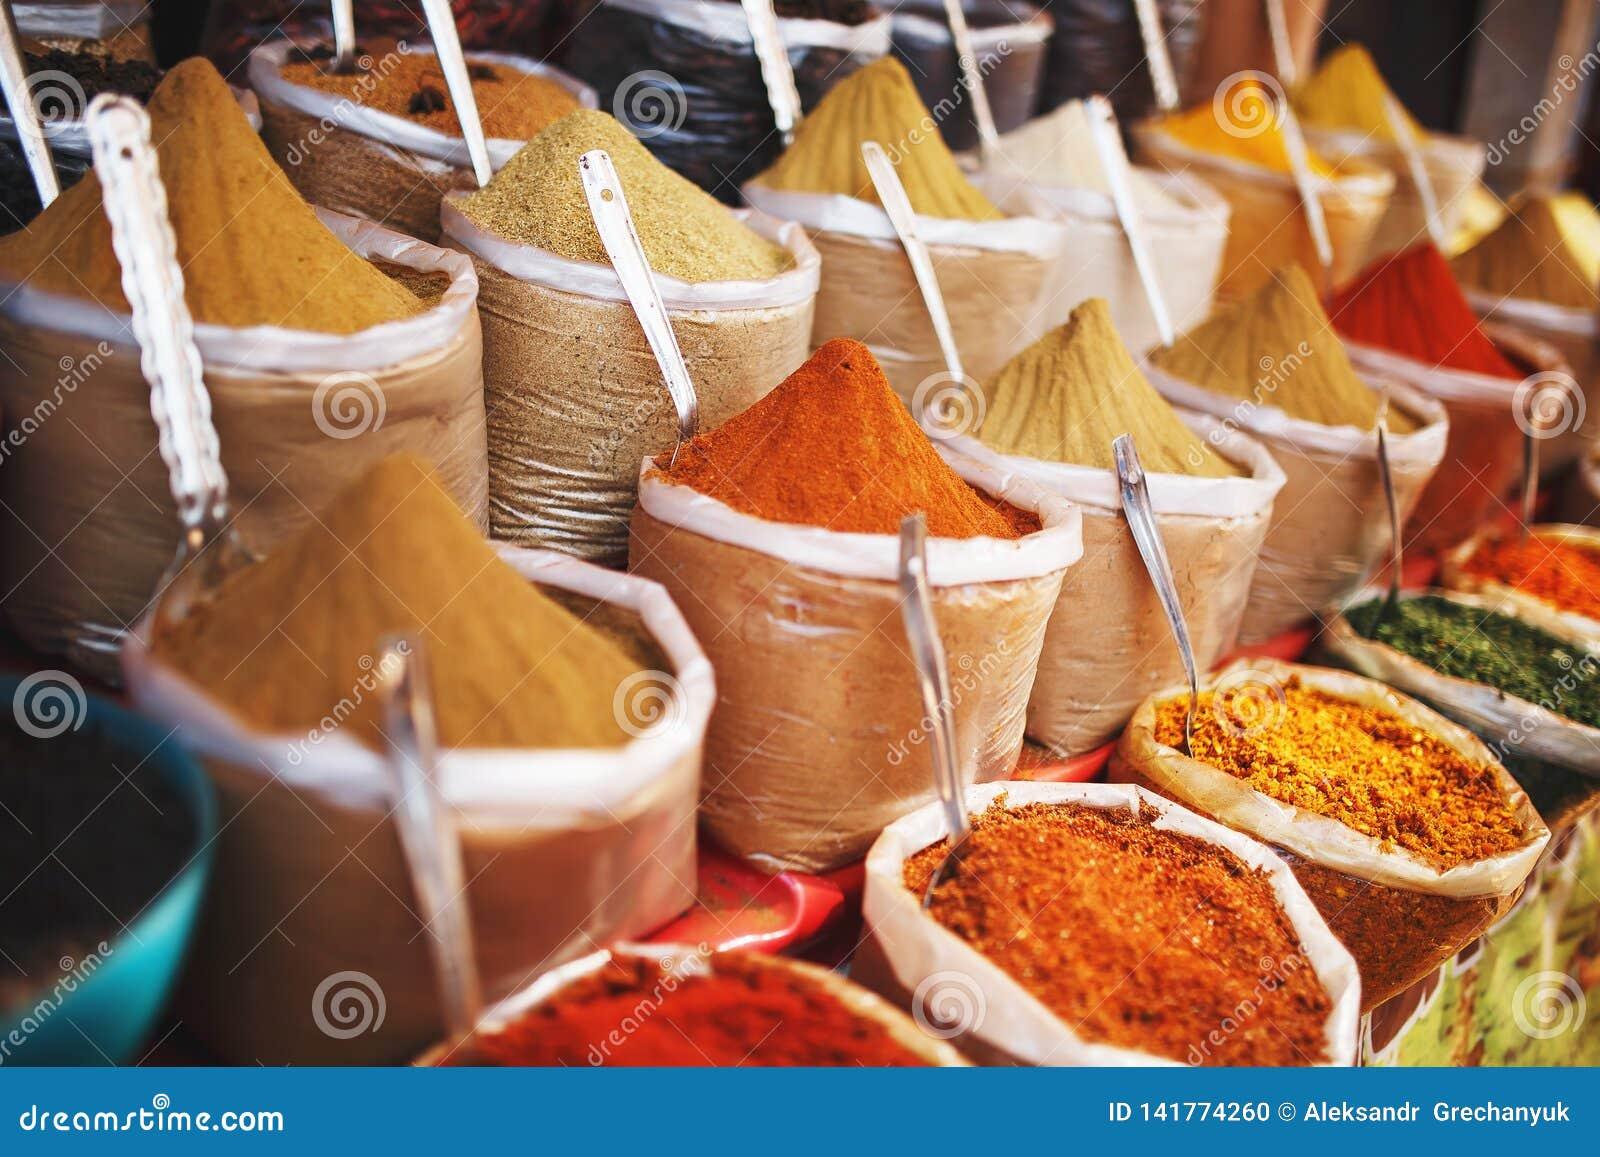 Indiska kulöra kryddor på den lokala marknaden En variation av kryddor av olika färger och skuggor, anstrykningar och texturer på